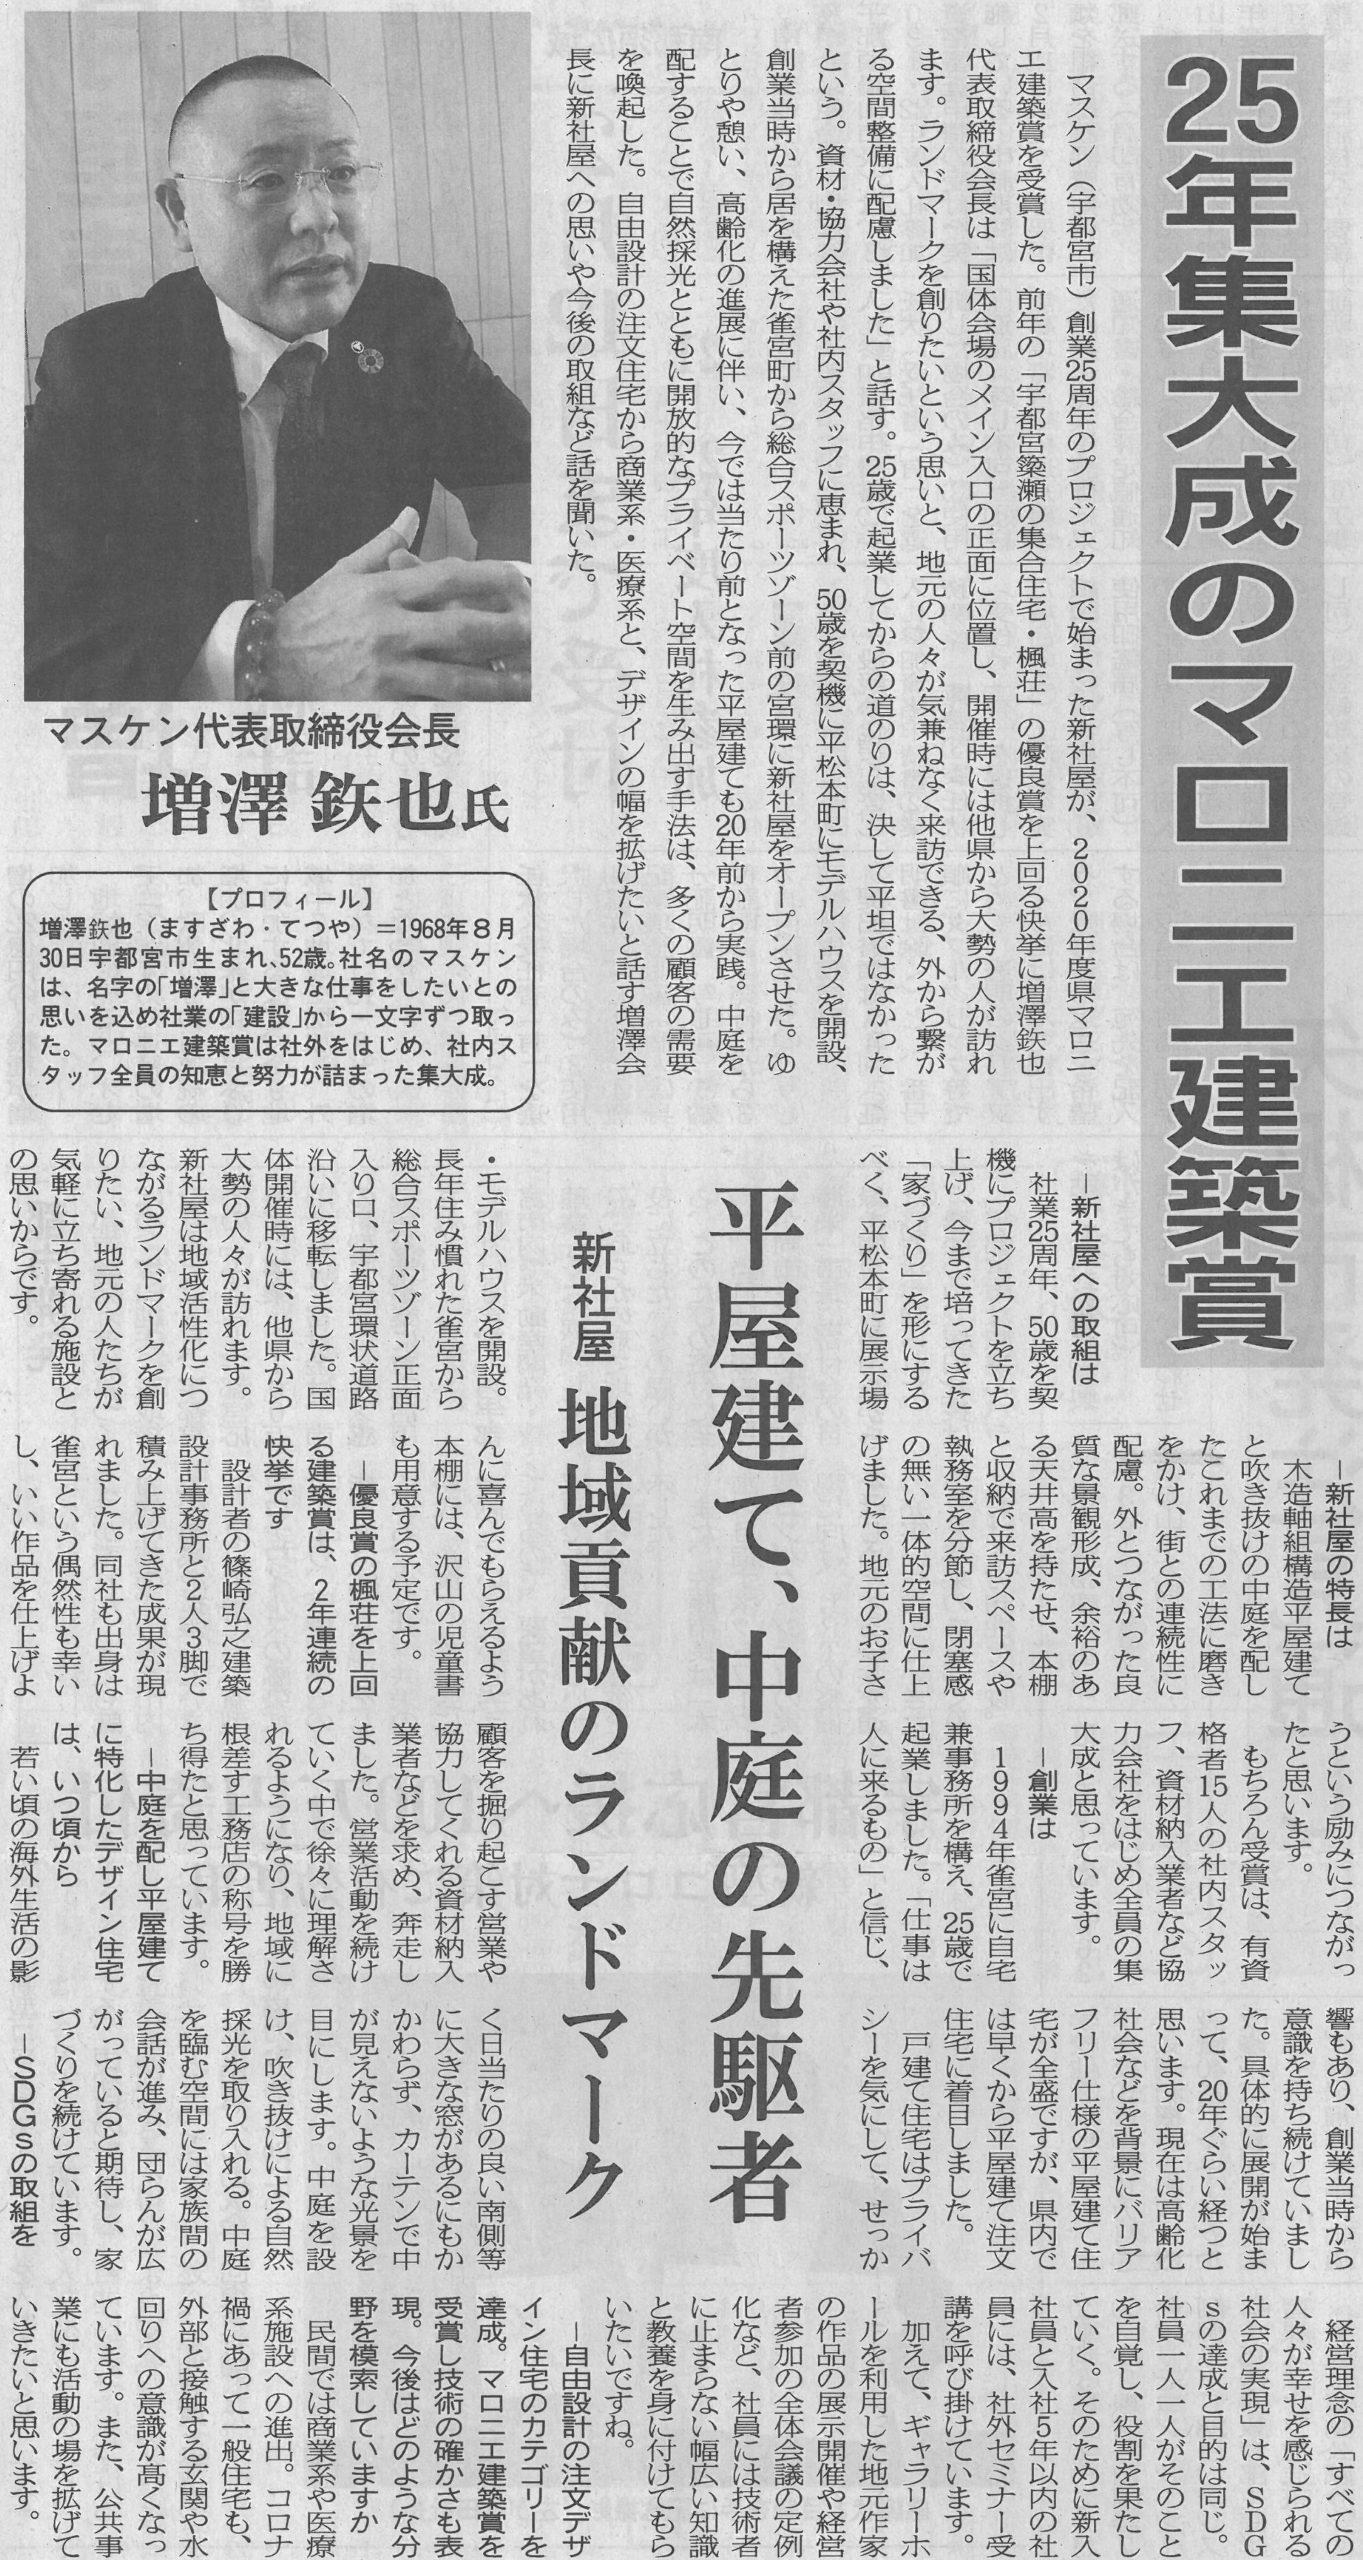 2021年1月13日 日刊建設新聞 「25年集大成のマロニエ建築賞」掲載